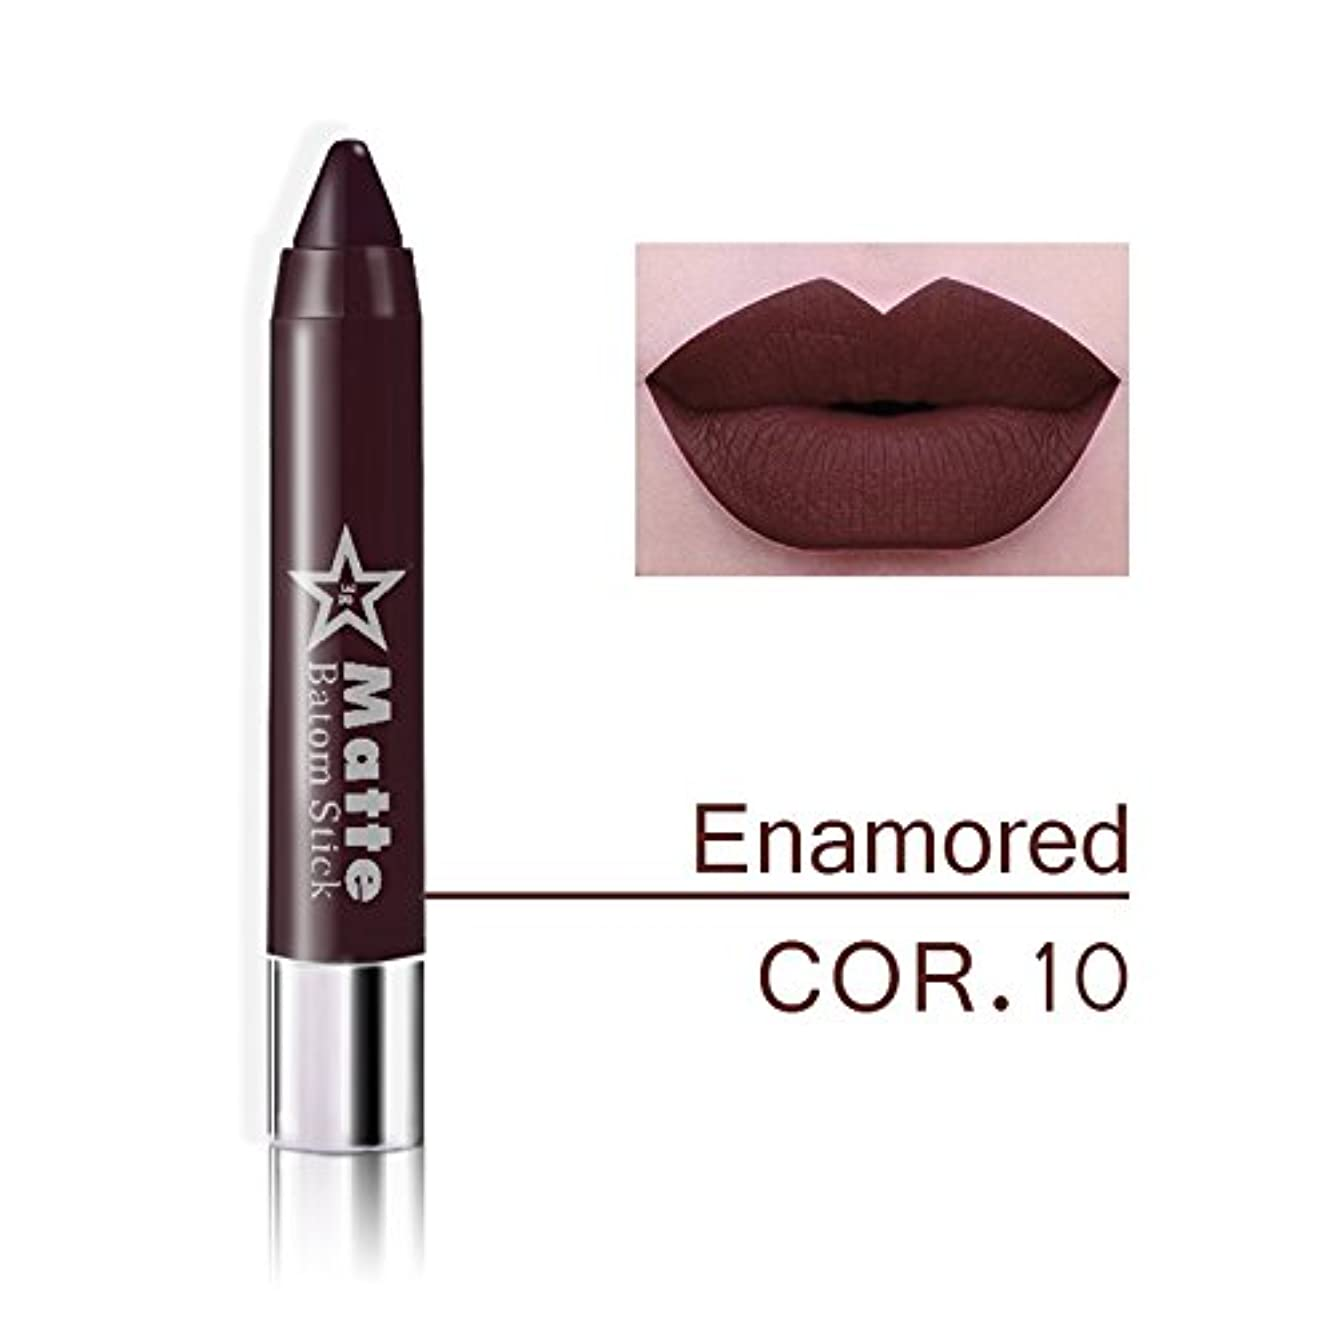 プロポーショナル話残るMiss Rose Brand lips Matte Moisturizing Lipstick Makeup Lipsticks Waterproof matte Lip gloss Mate Lipsticks Make up